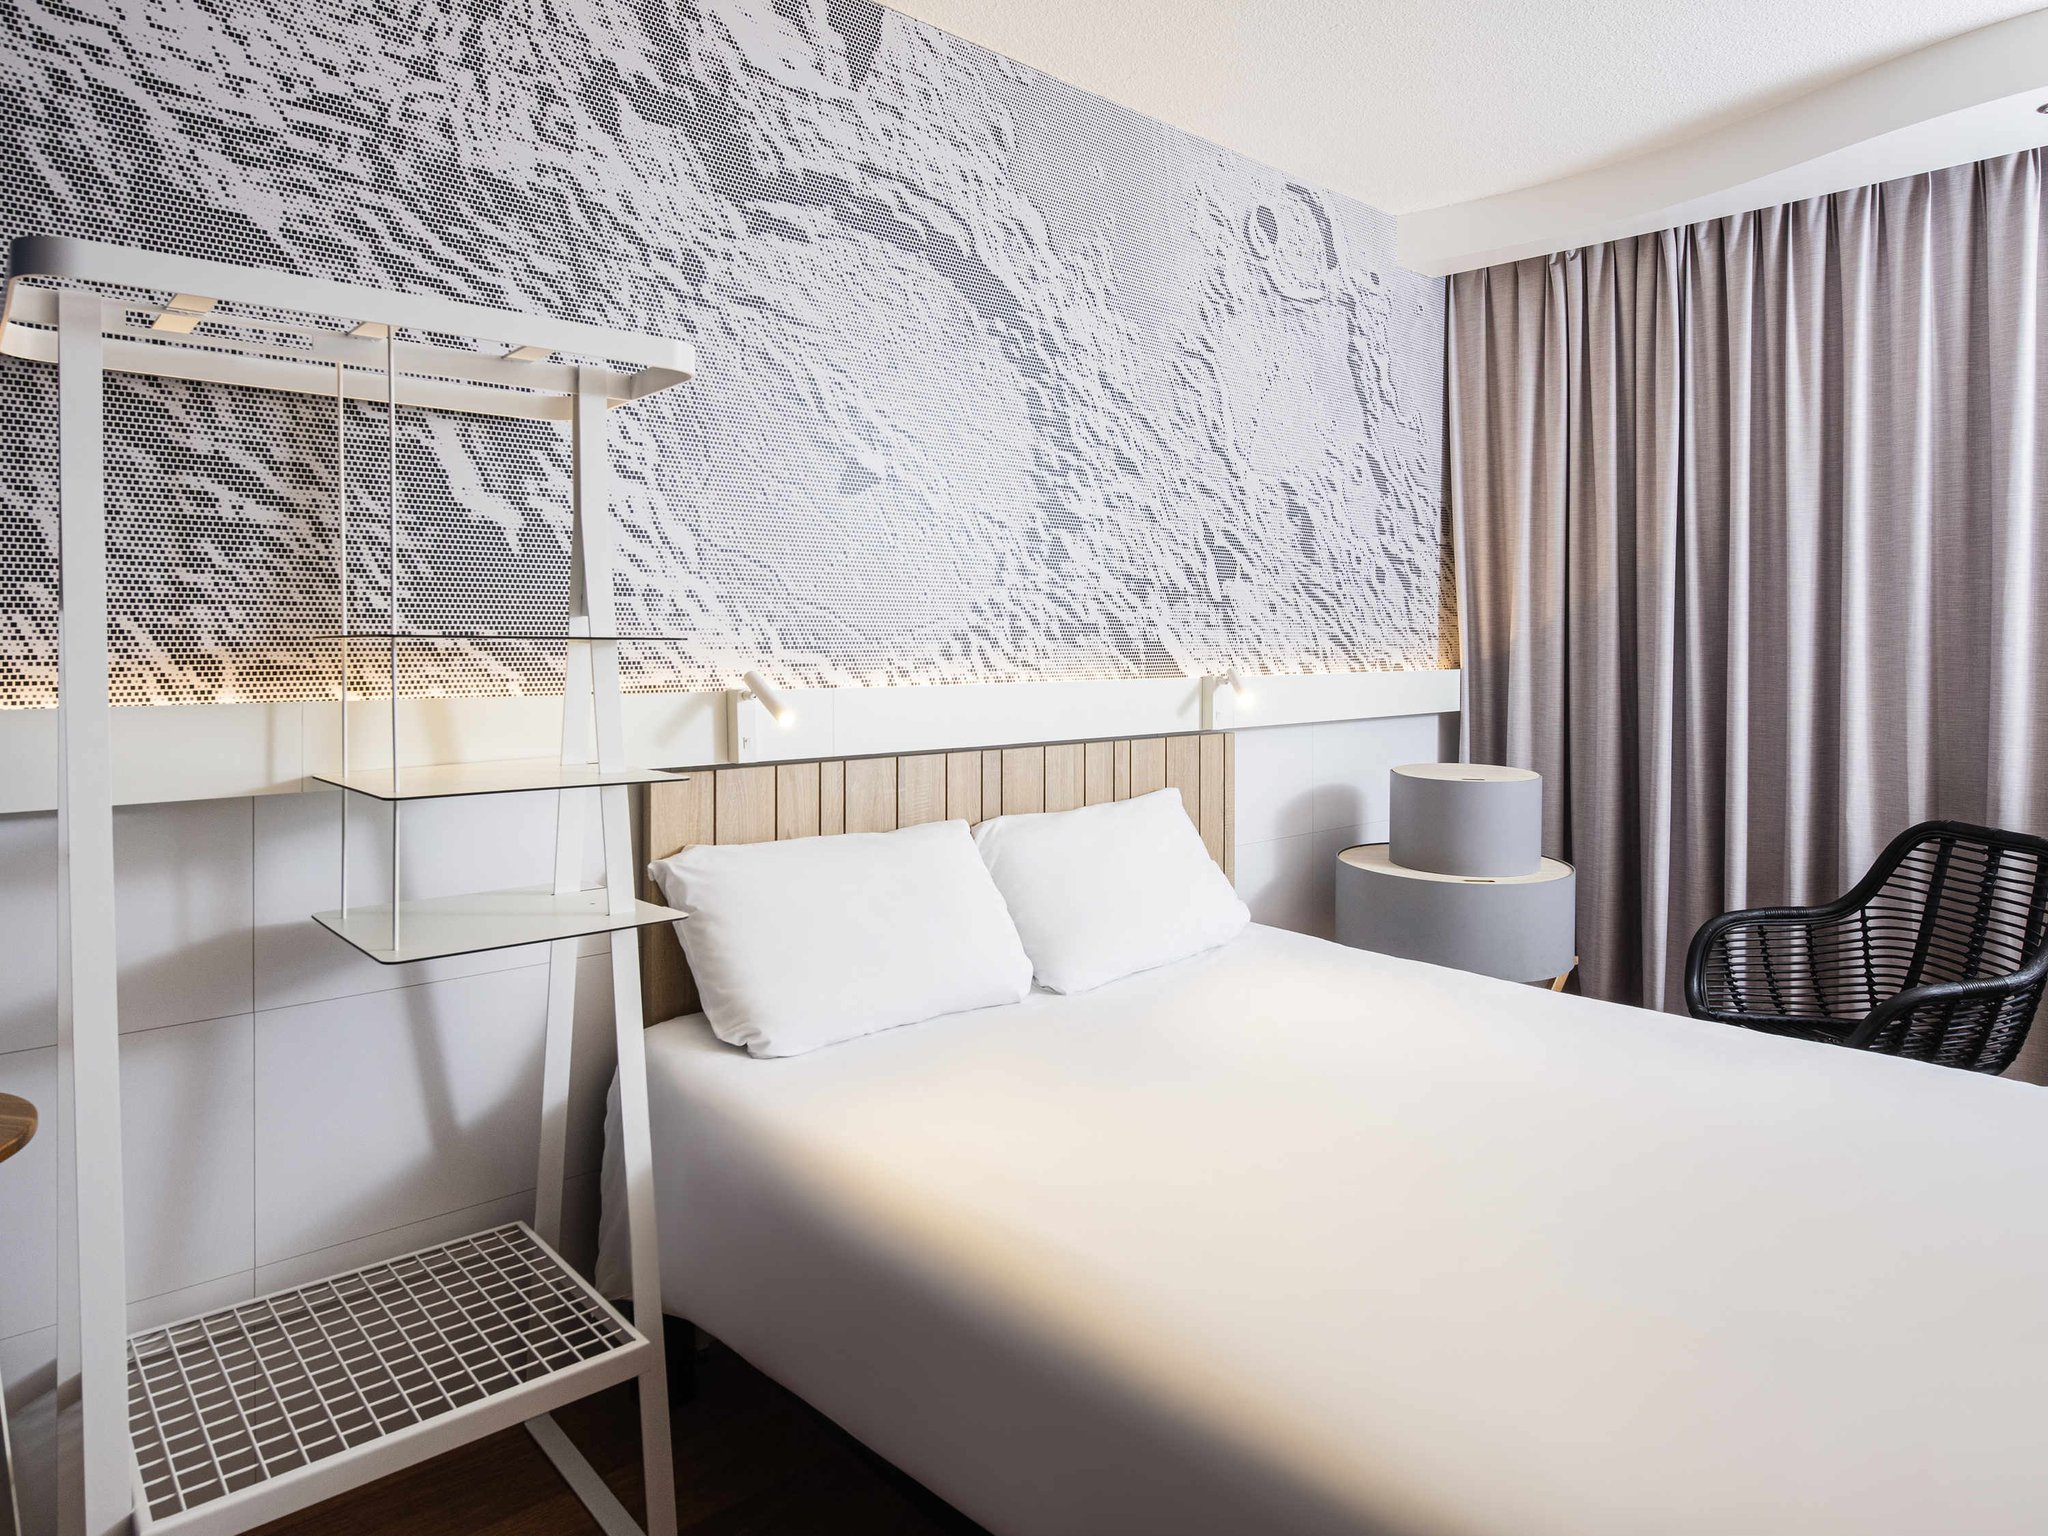 Ibis Hotel Macon Sud